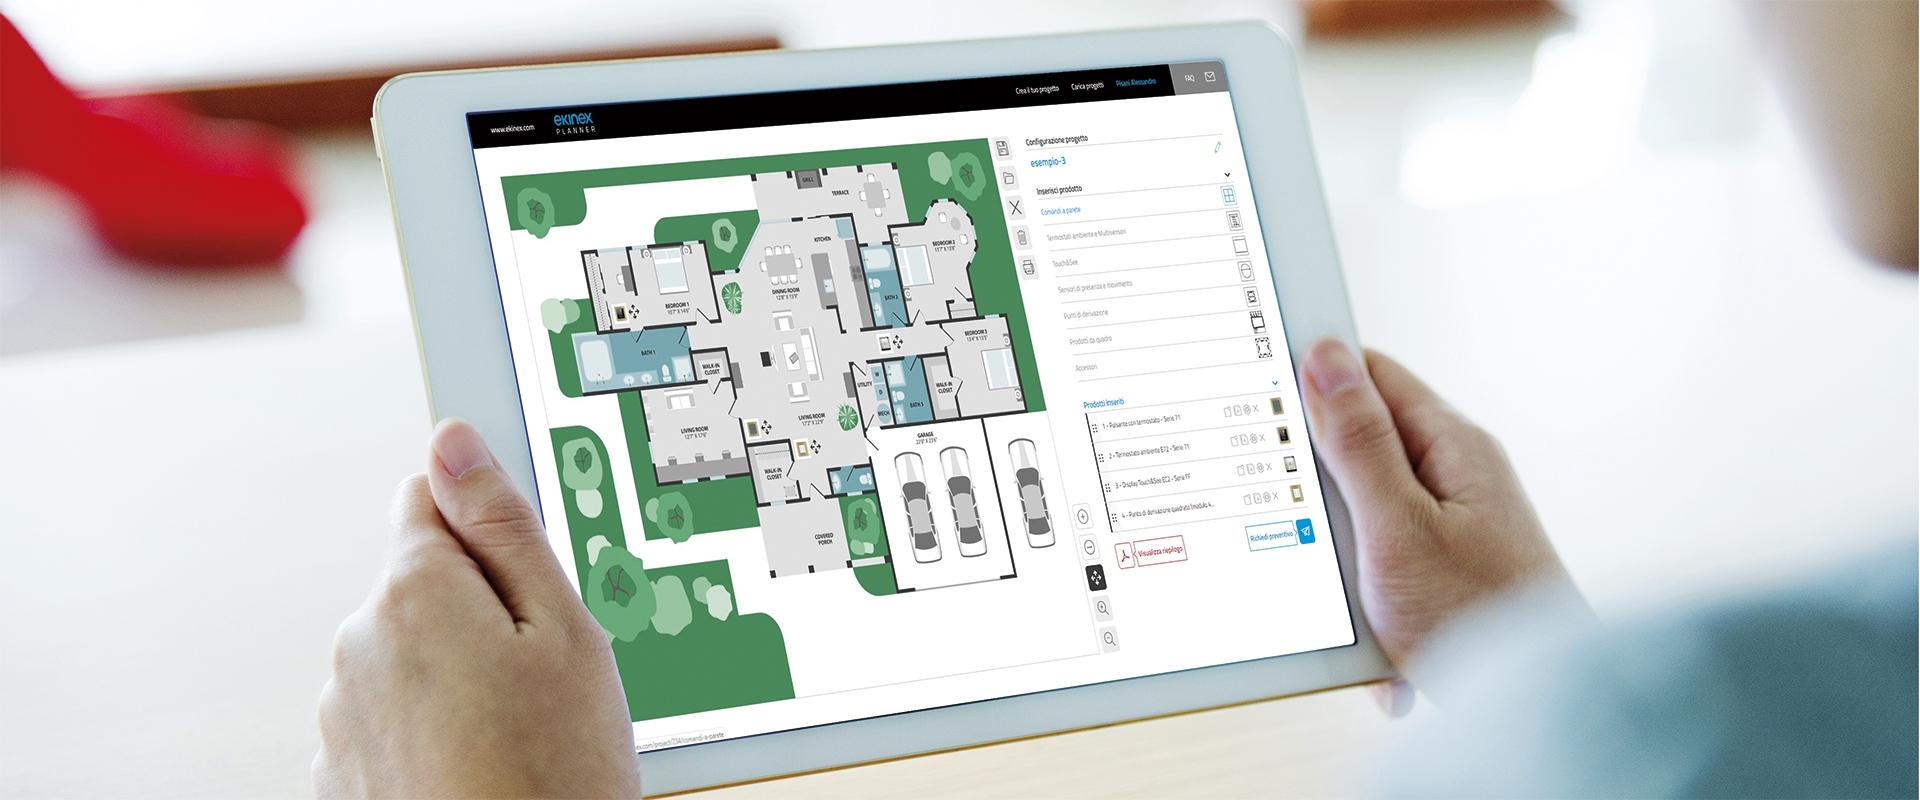 Strumenti di progettazione Ekinex: nuovo Planner 4.0